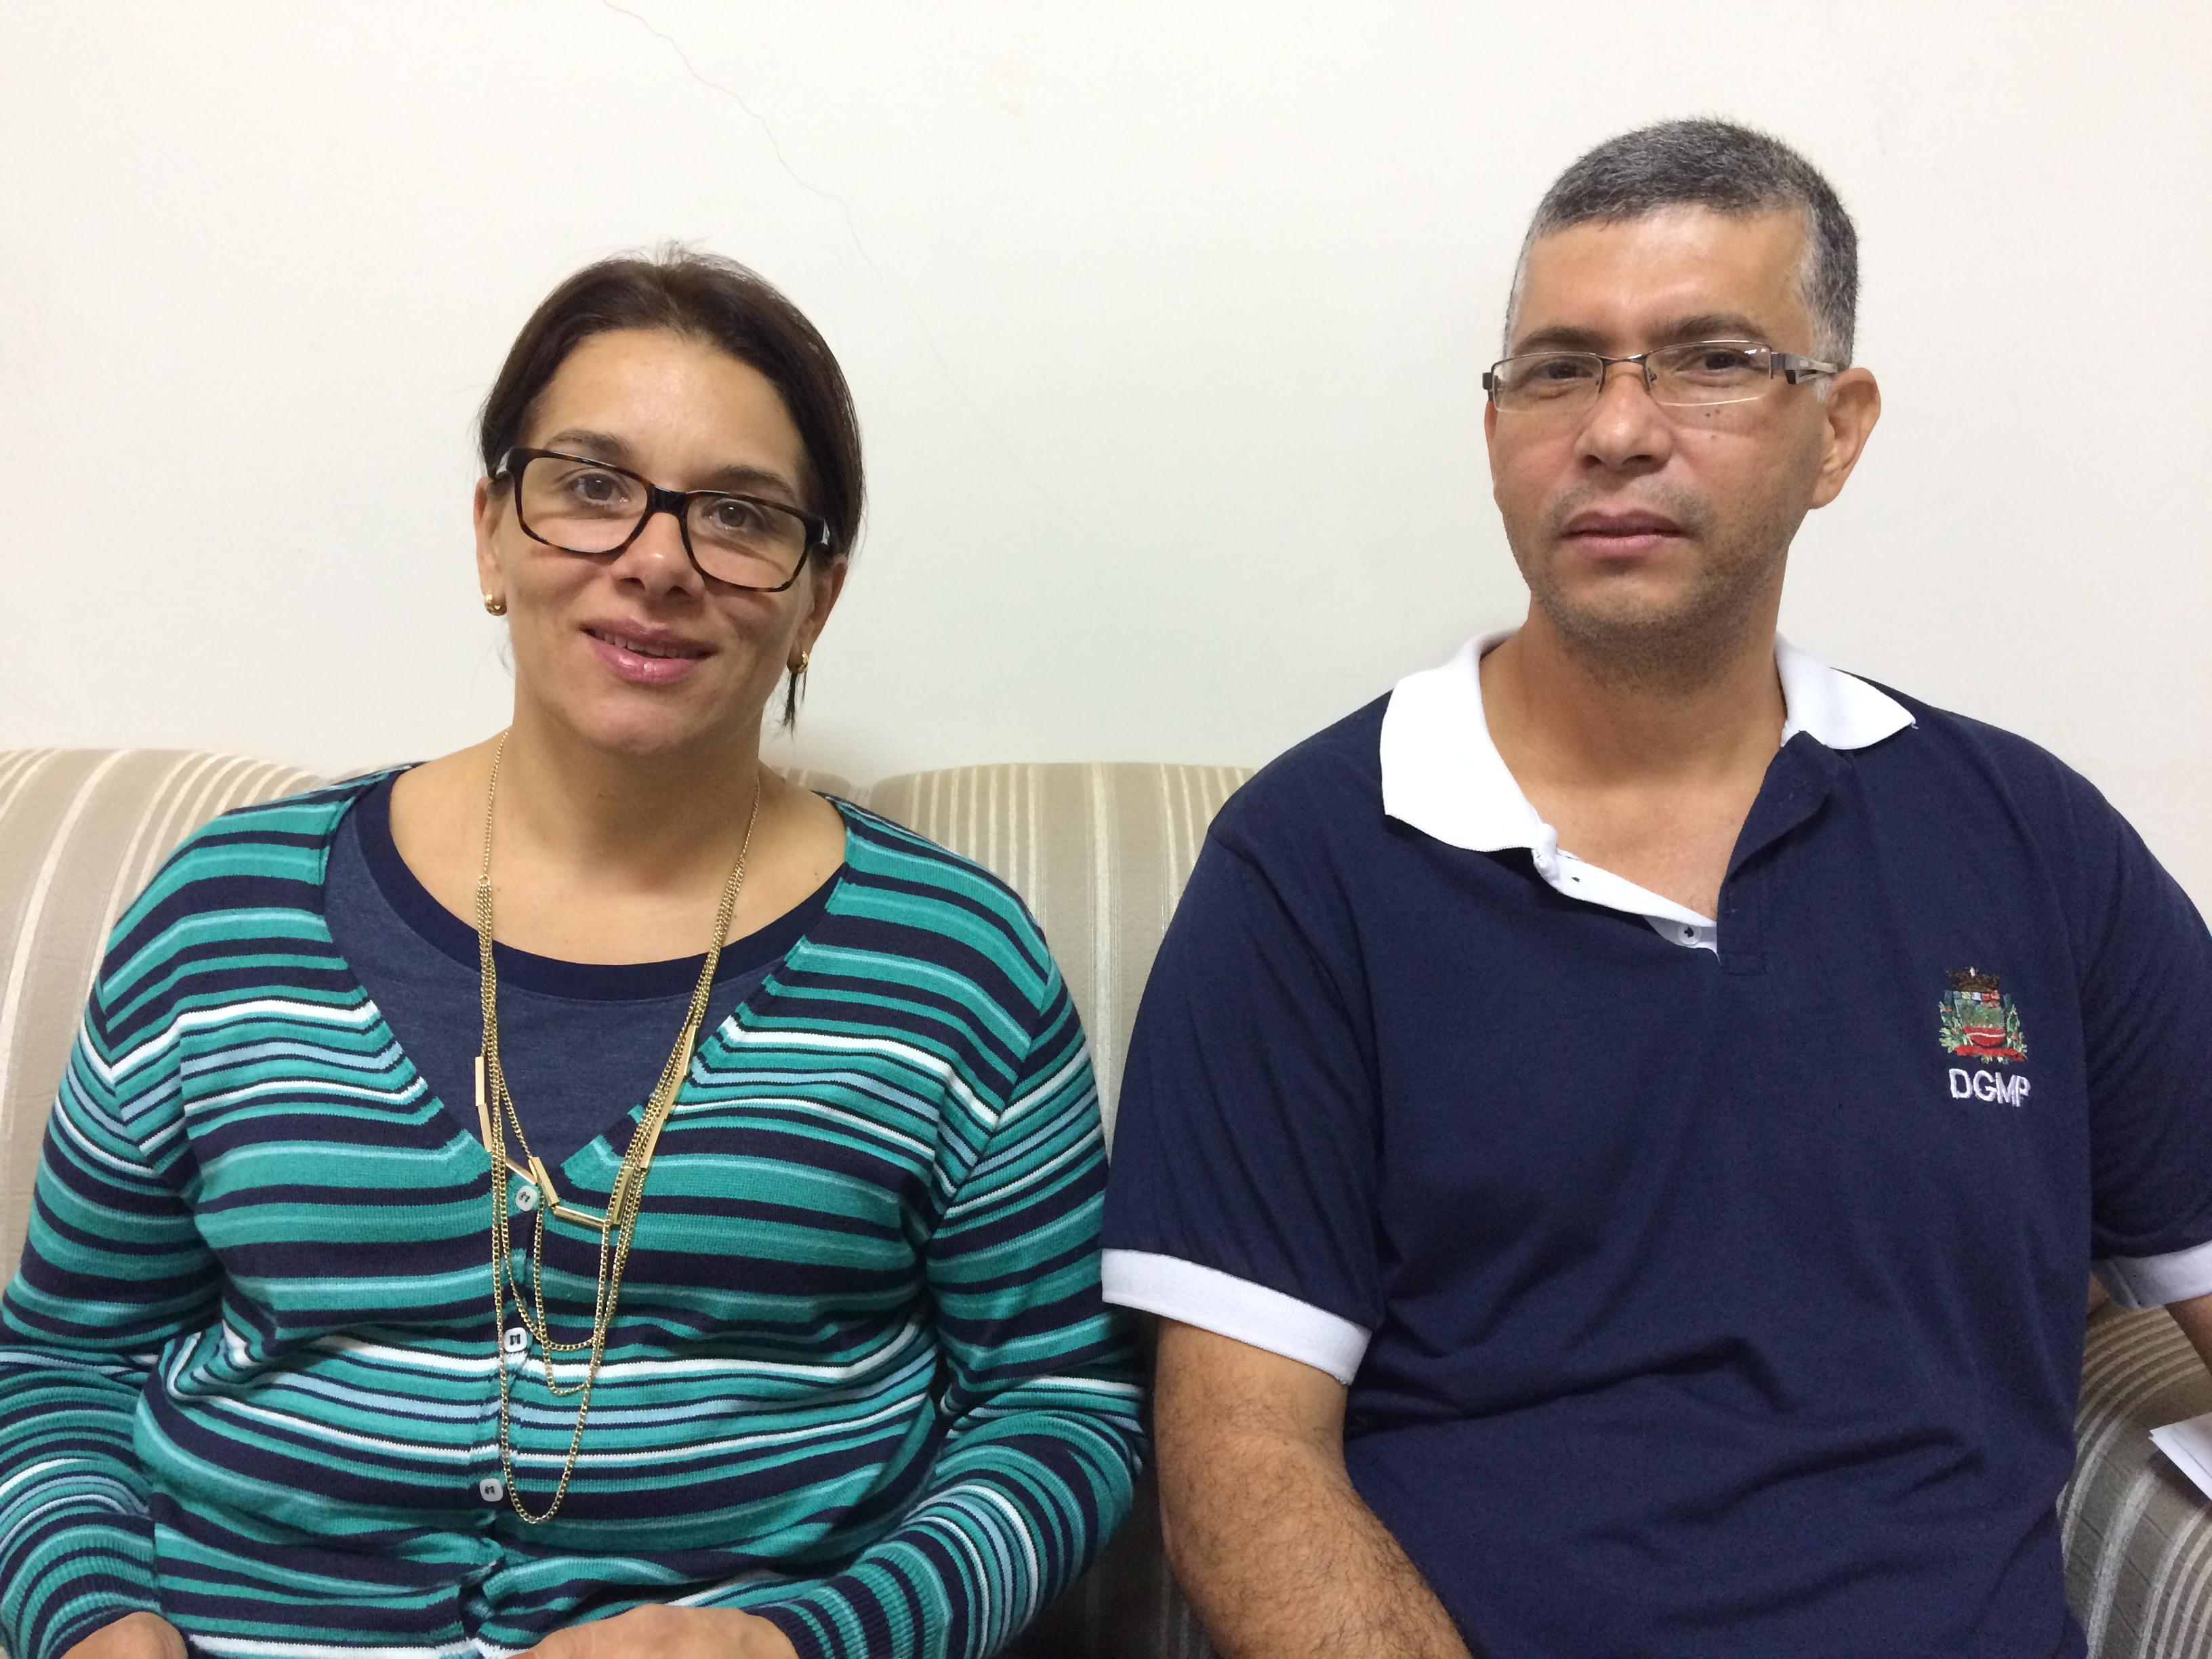 Secretária de Assistência Social da Prefeitura, Eliete Lopes, e o agente administrativo Mauro Bossato (Foto: Fábio Penariol/Jornal 101)